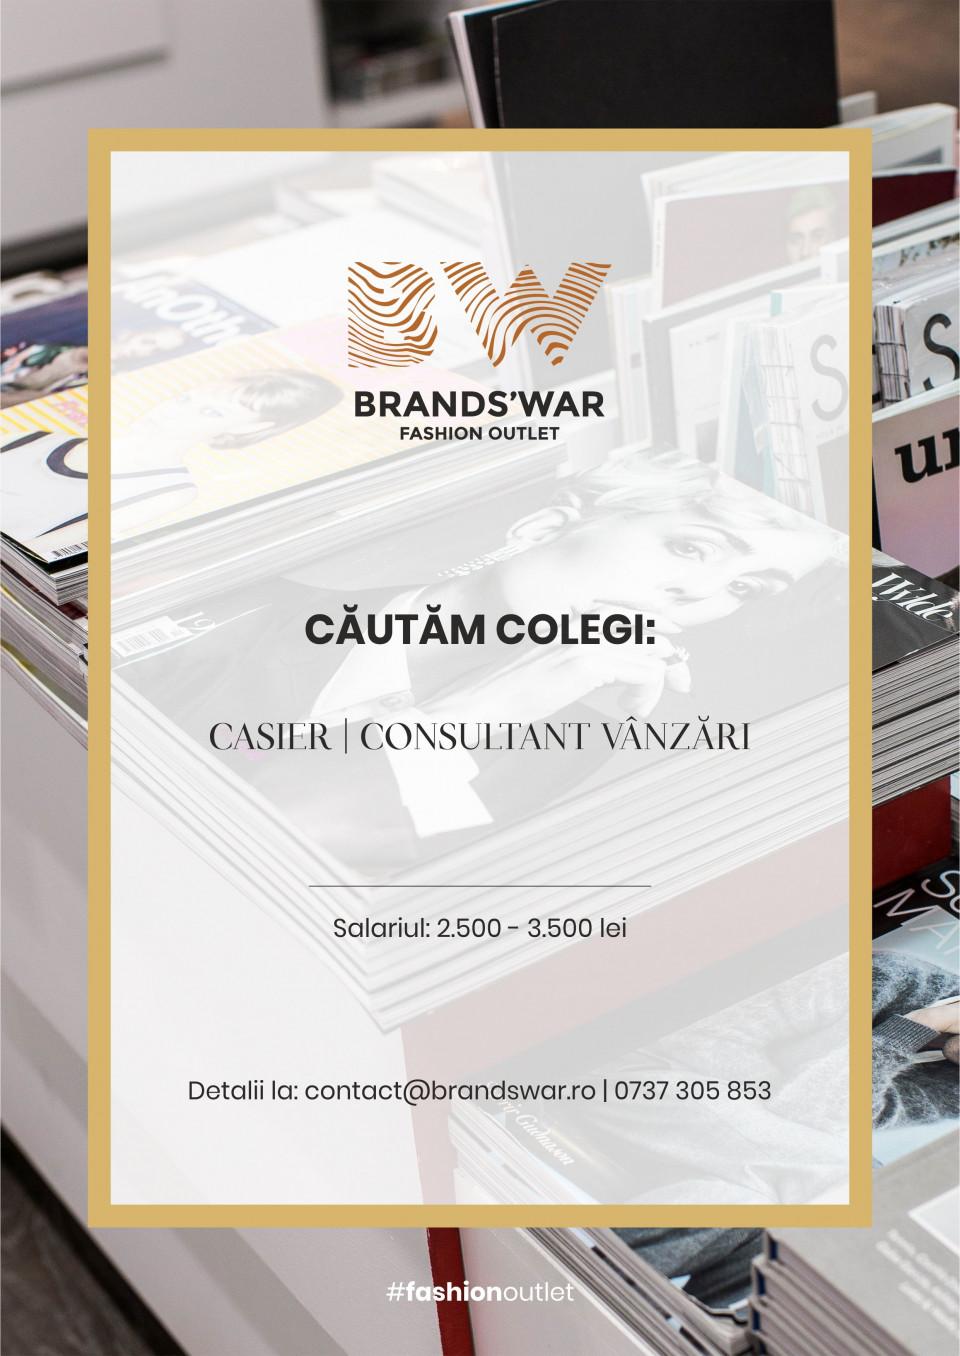 Casier / Consultant vanzari  Ne-am propus să revoluționăm conceptul de Multibrand Outlet din România și să oferim tuturor posiblitatea de a-si completa sau, de ce nu, de a-si construi garderoba cu articole vestimentare, încălțăminte și accesorii ale celor mai mari designeri ai lumii, fără a mai fi necesare calatoriile în orașele celebre pentru astfel de centre comerciale.Întins pe o suprafață de 3000 de mp, Brand's War oferă posibilitatea de a achizitiona ținute de cat walk la prețuri accesibile. La noi se gasesc peste 100 de branduri celebre , printre care Armani, Guess, Balmain, Calvin Klein, Furla, Trussardi, Love Moschino, Dolce & Gabbana sau Diesel. Oferta noastră este extrem de bogată și versatilă în același timp și ne luăm angajamentul față de clientii noștri ca permanent să aducem în atenția acestora produse noi, dedicate întregii familii și promoții incendiare. Și asta pe tot parcursului anului, nu doar în perioadele de soldări pentru că Brand's War înseamnă reduceri permanente de până la 90%, dar și oferte speciale.